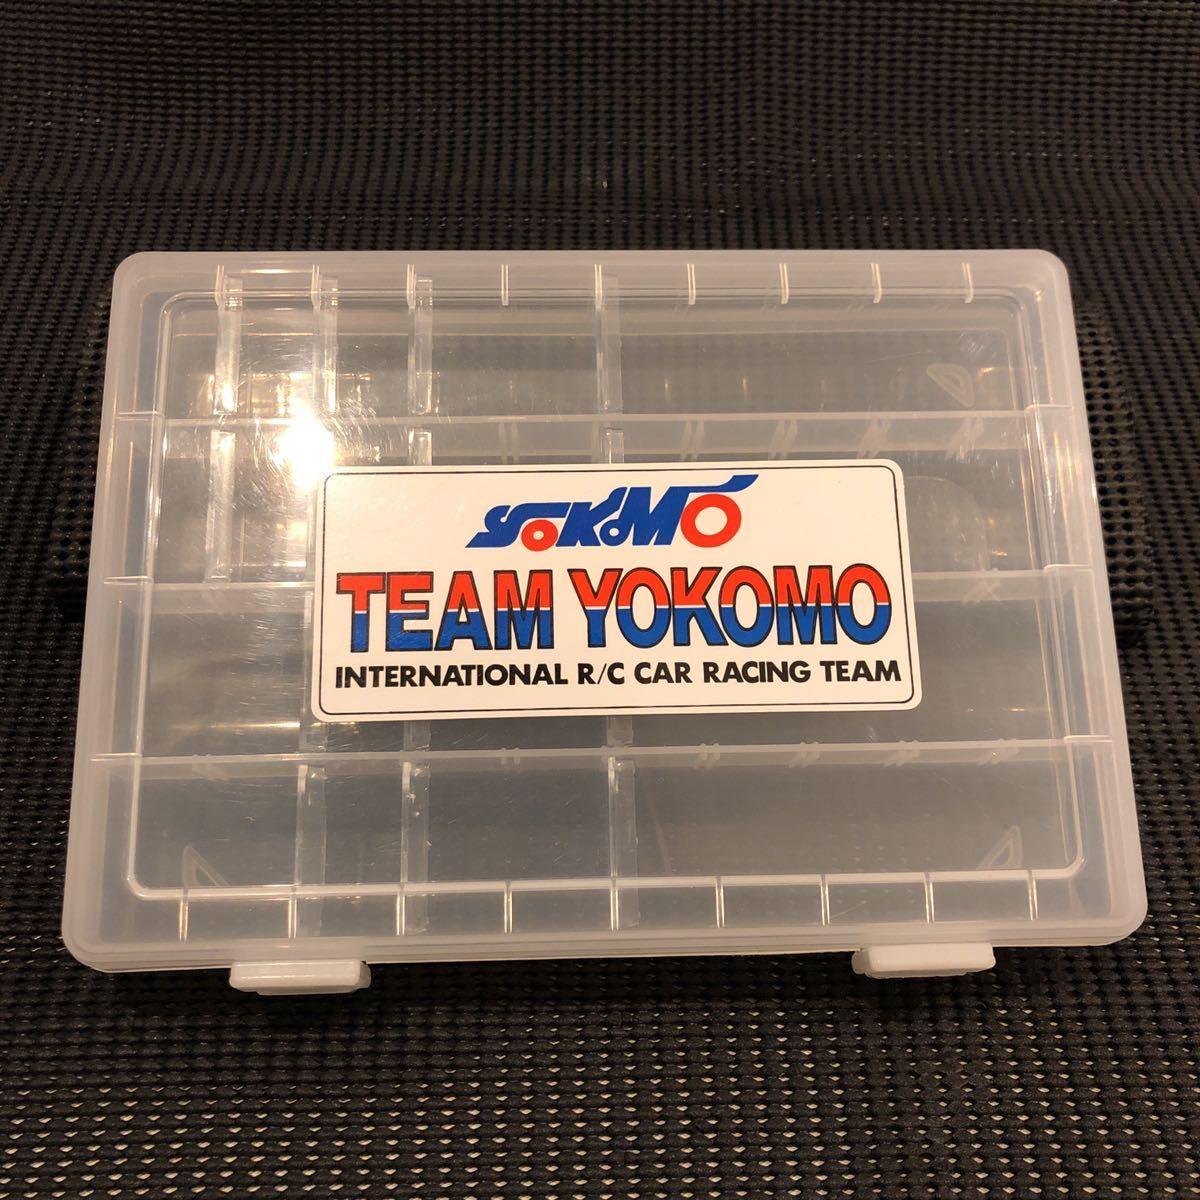 ヨコモ パーツケース YC-7 旧ロゴ版 Team Yokomo parts case